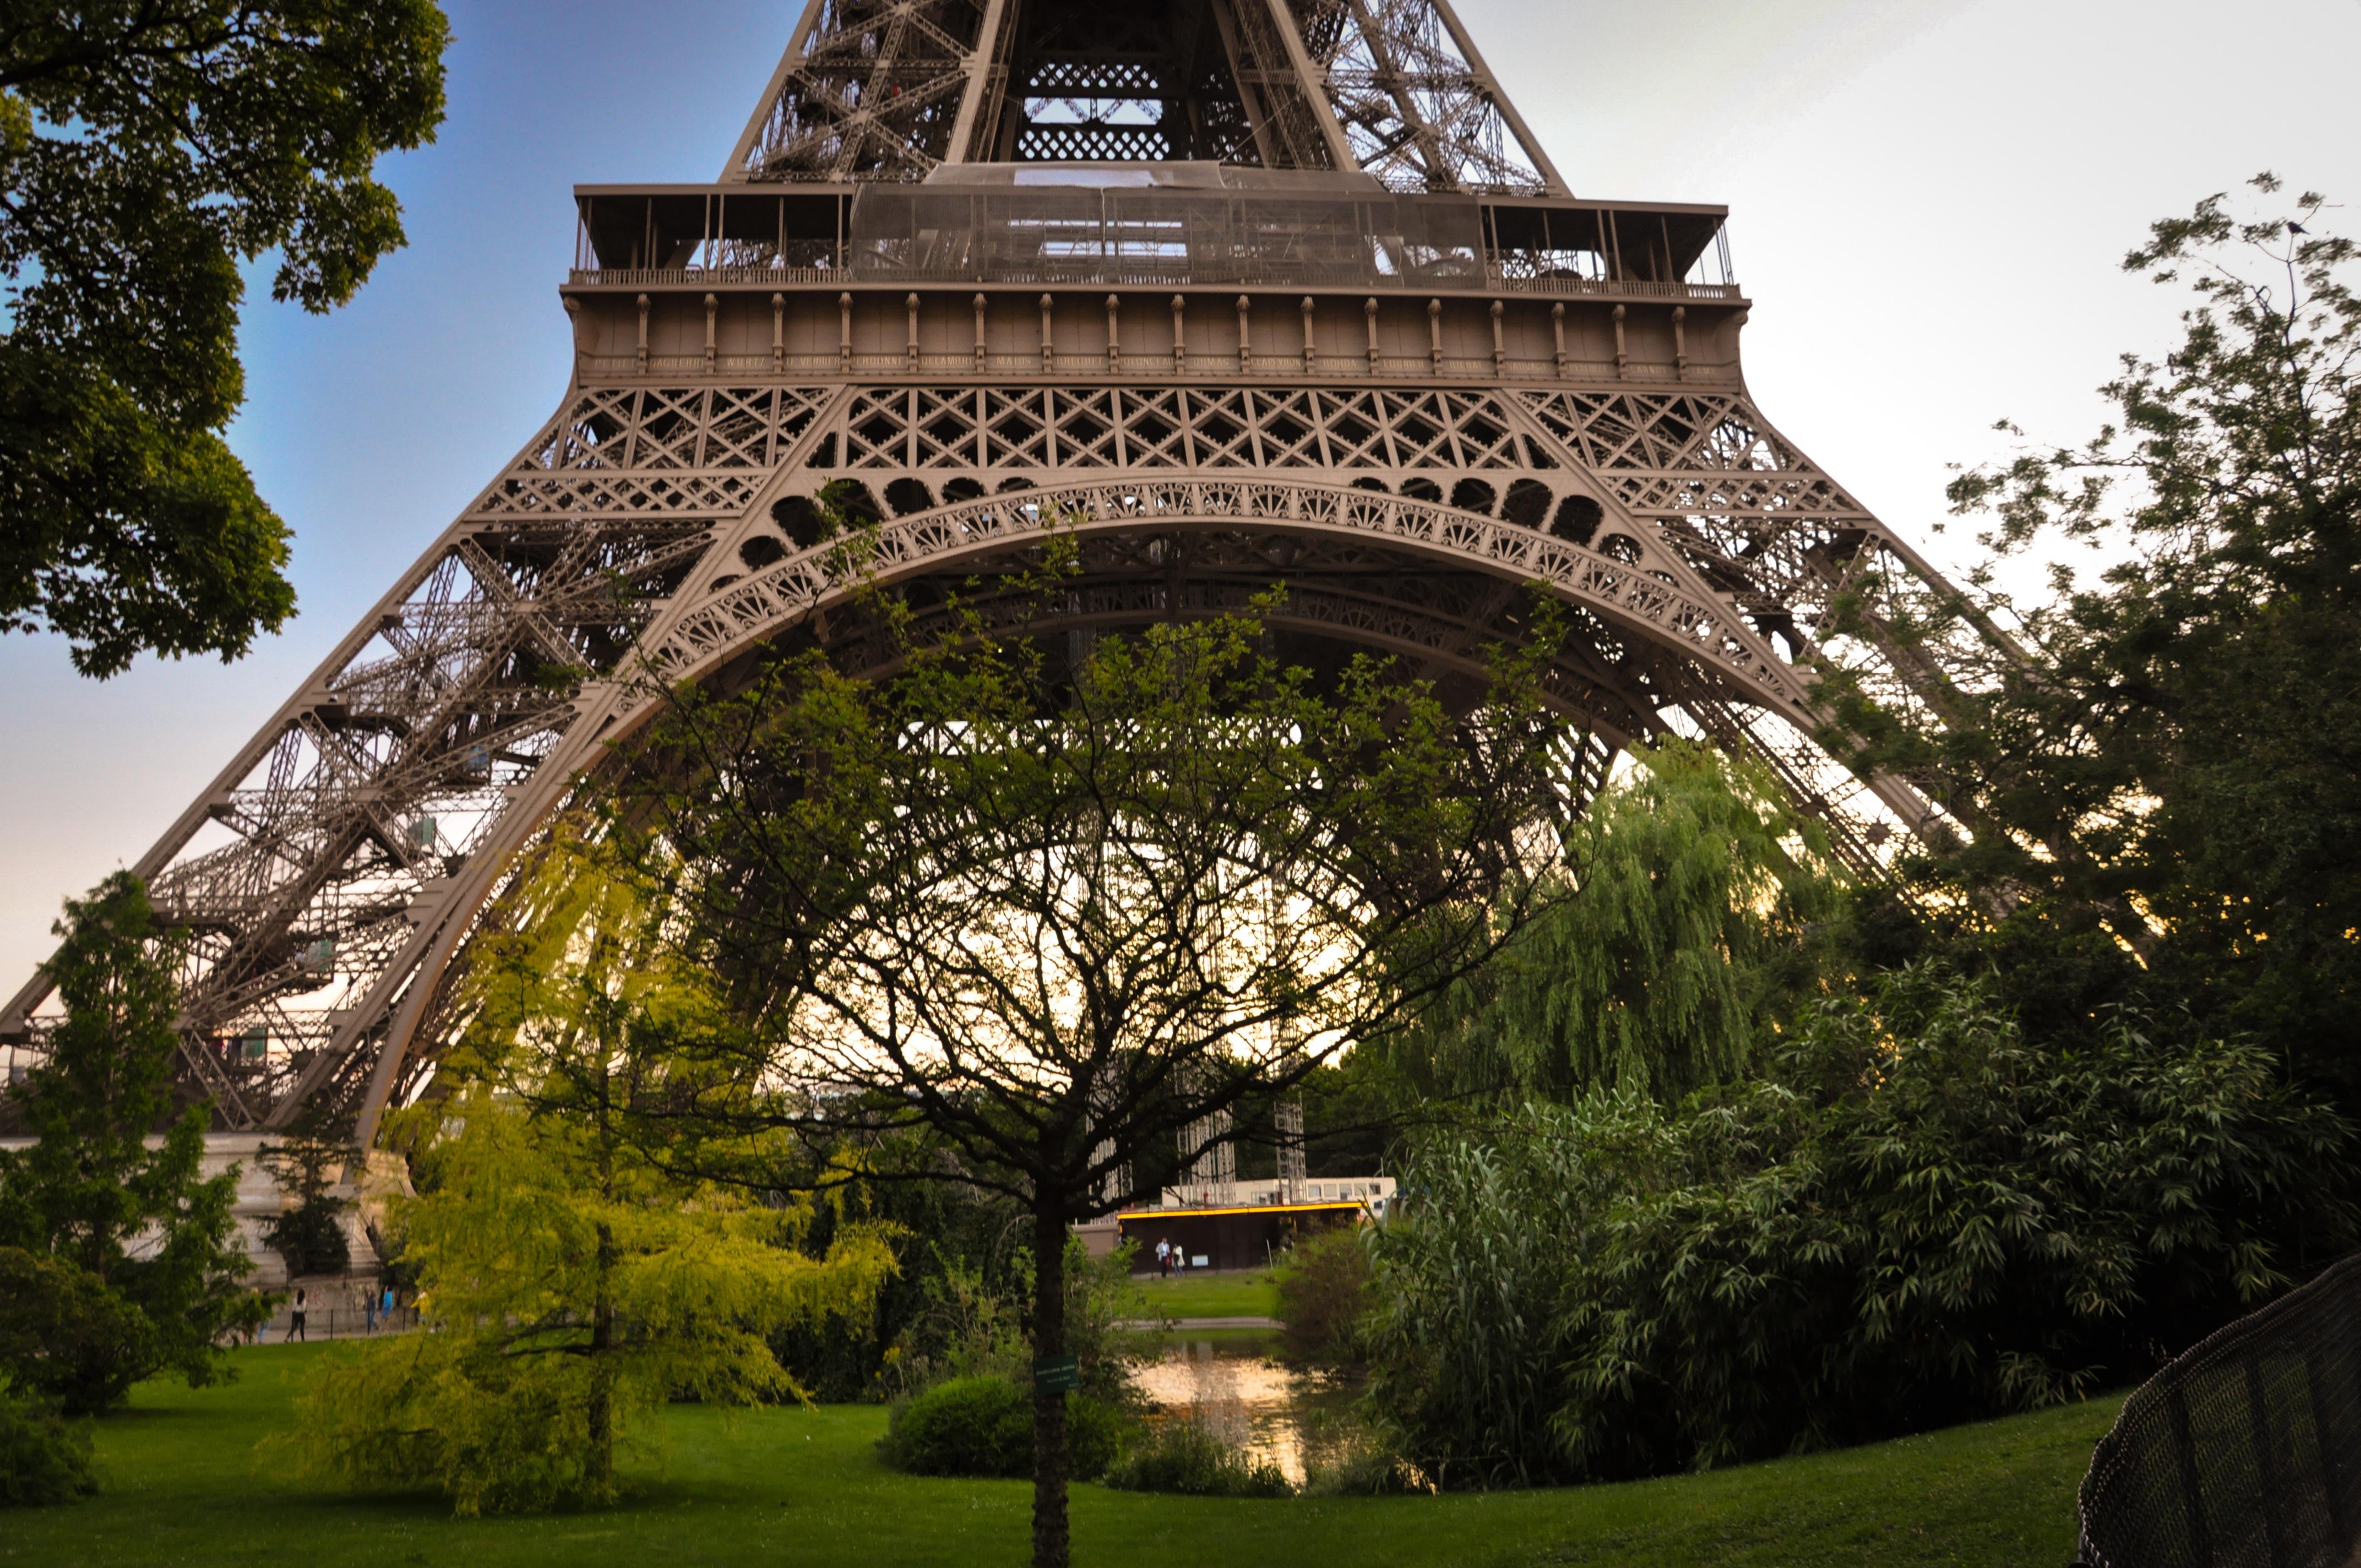 смотреть фото эйфелевой башни